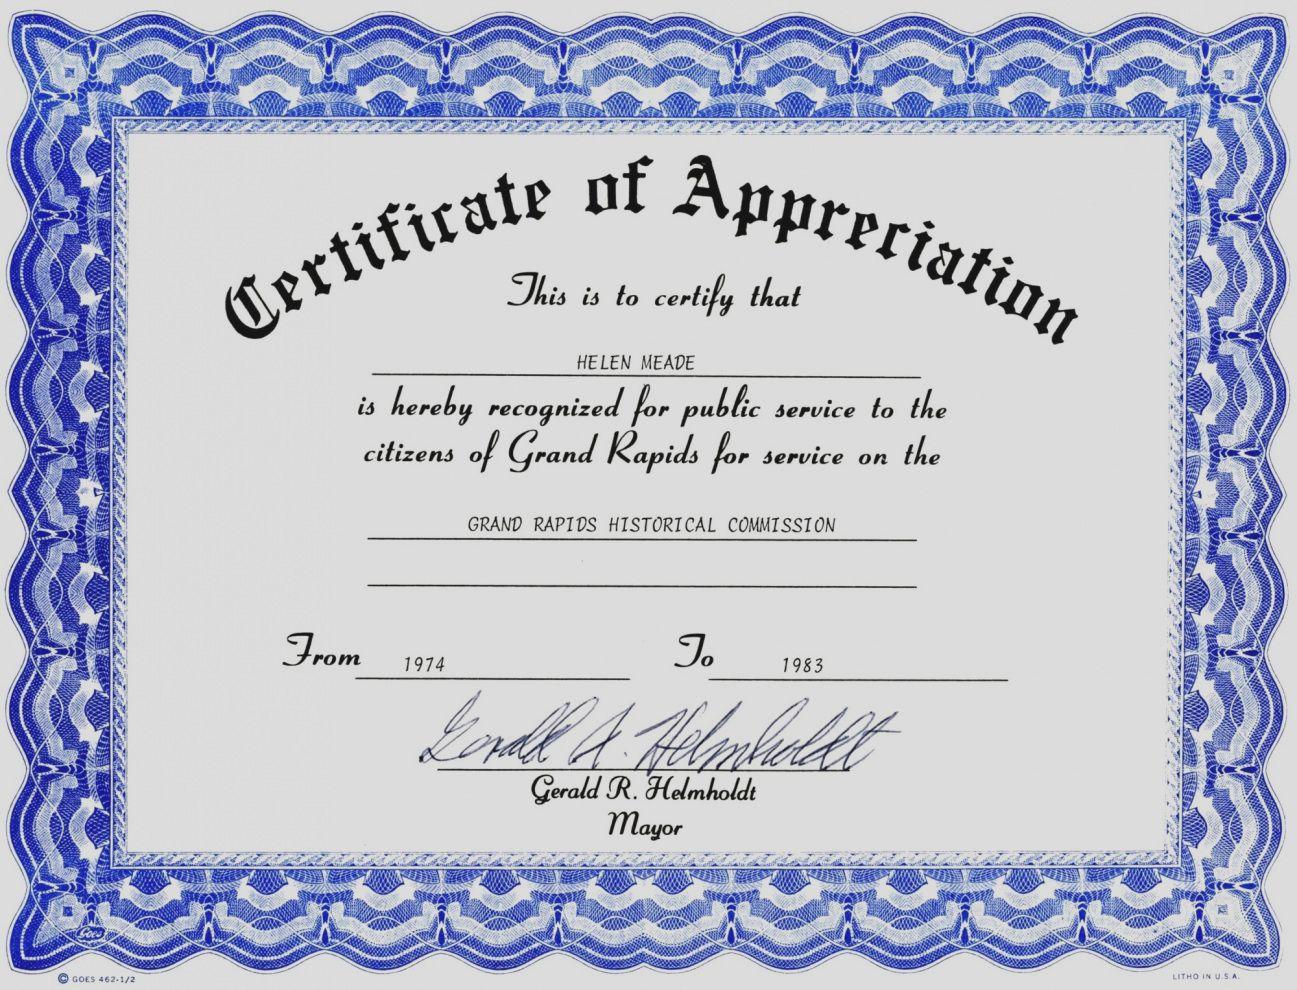 Work Anniversary Certificate Template Word In Employee Anniversary